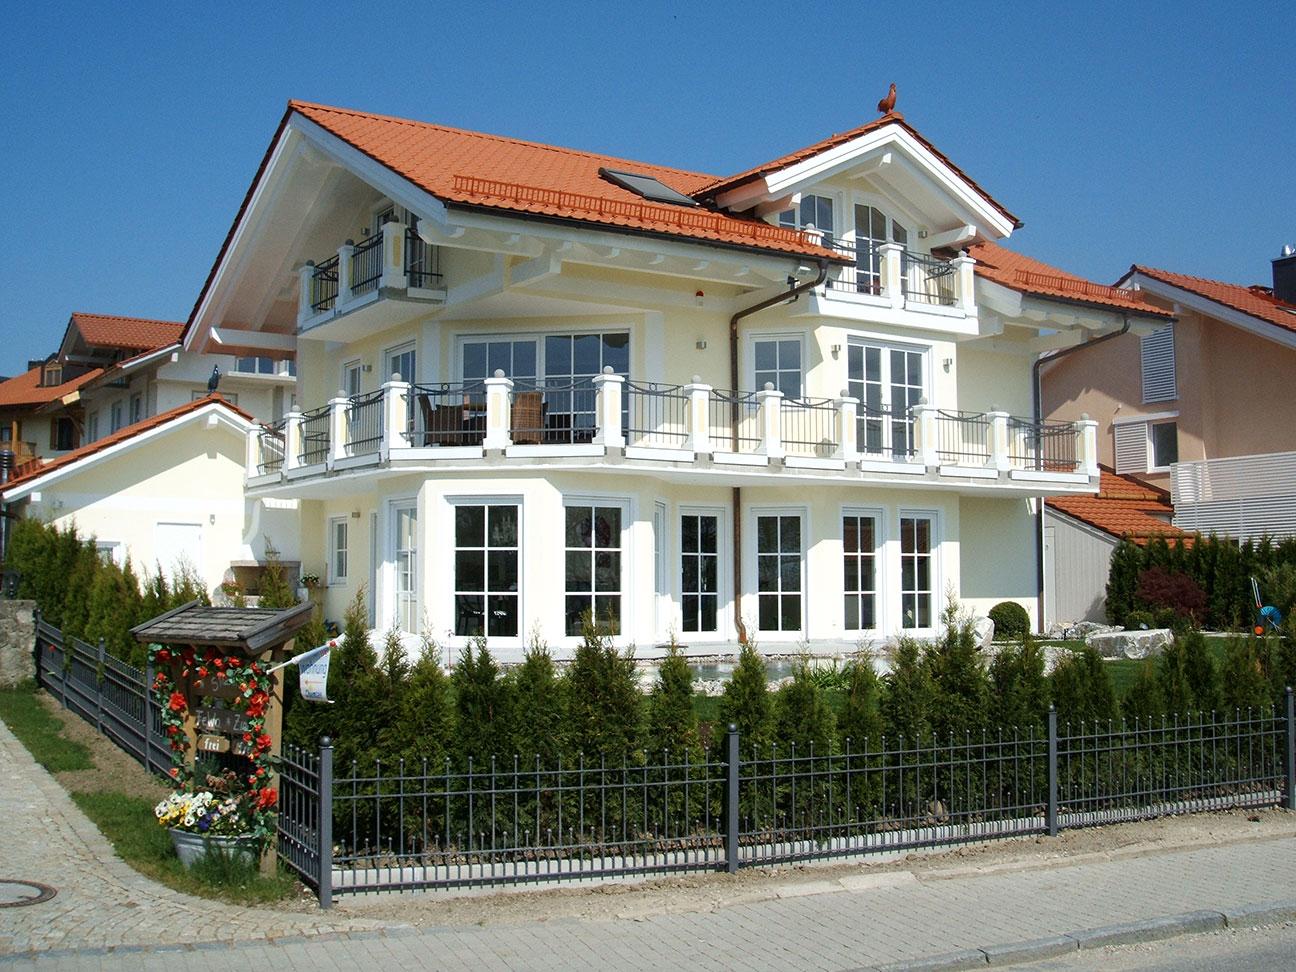 Einfamilienhaus in Gstadt